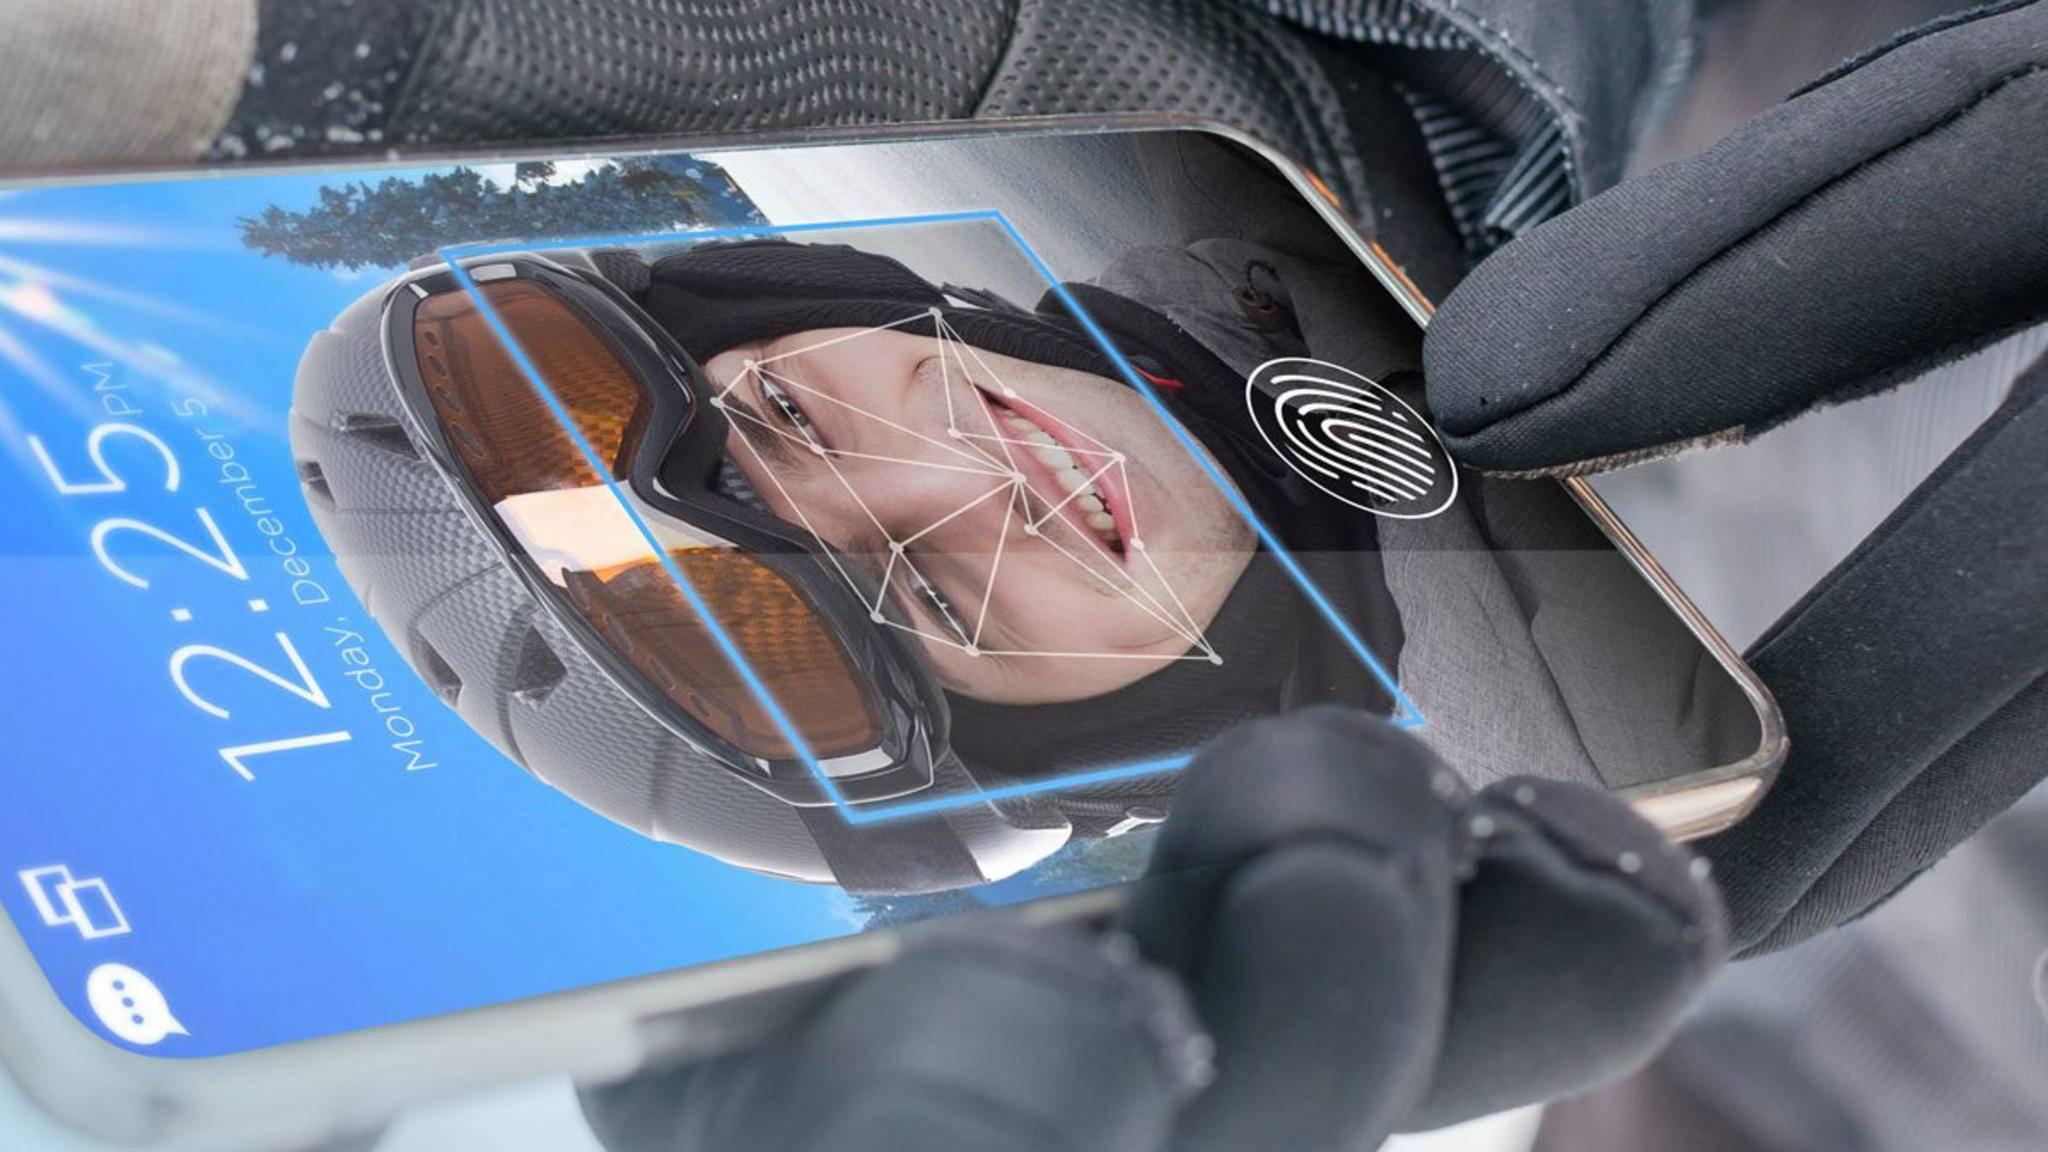 Gesichtserkennung mithilfe künstlicher Intelligenz: Selbst ein Blinzeln wird registriert.